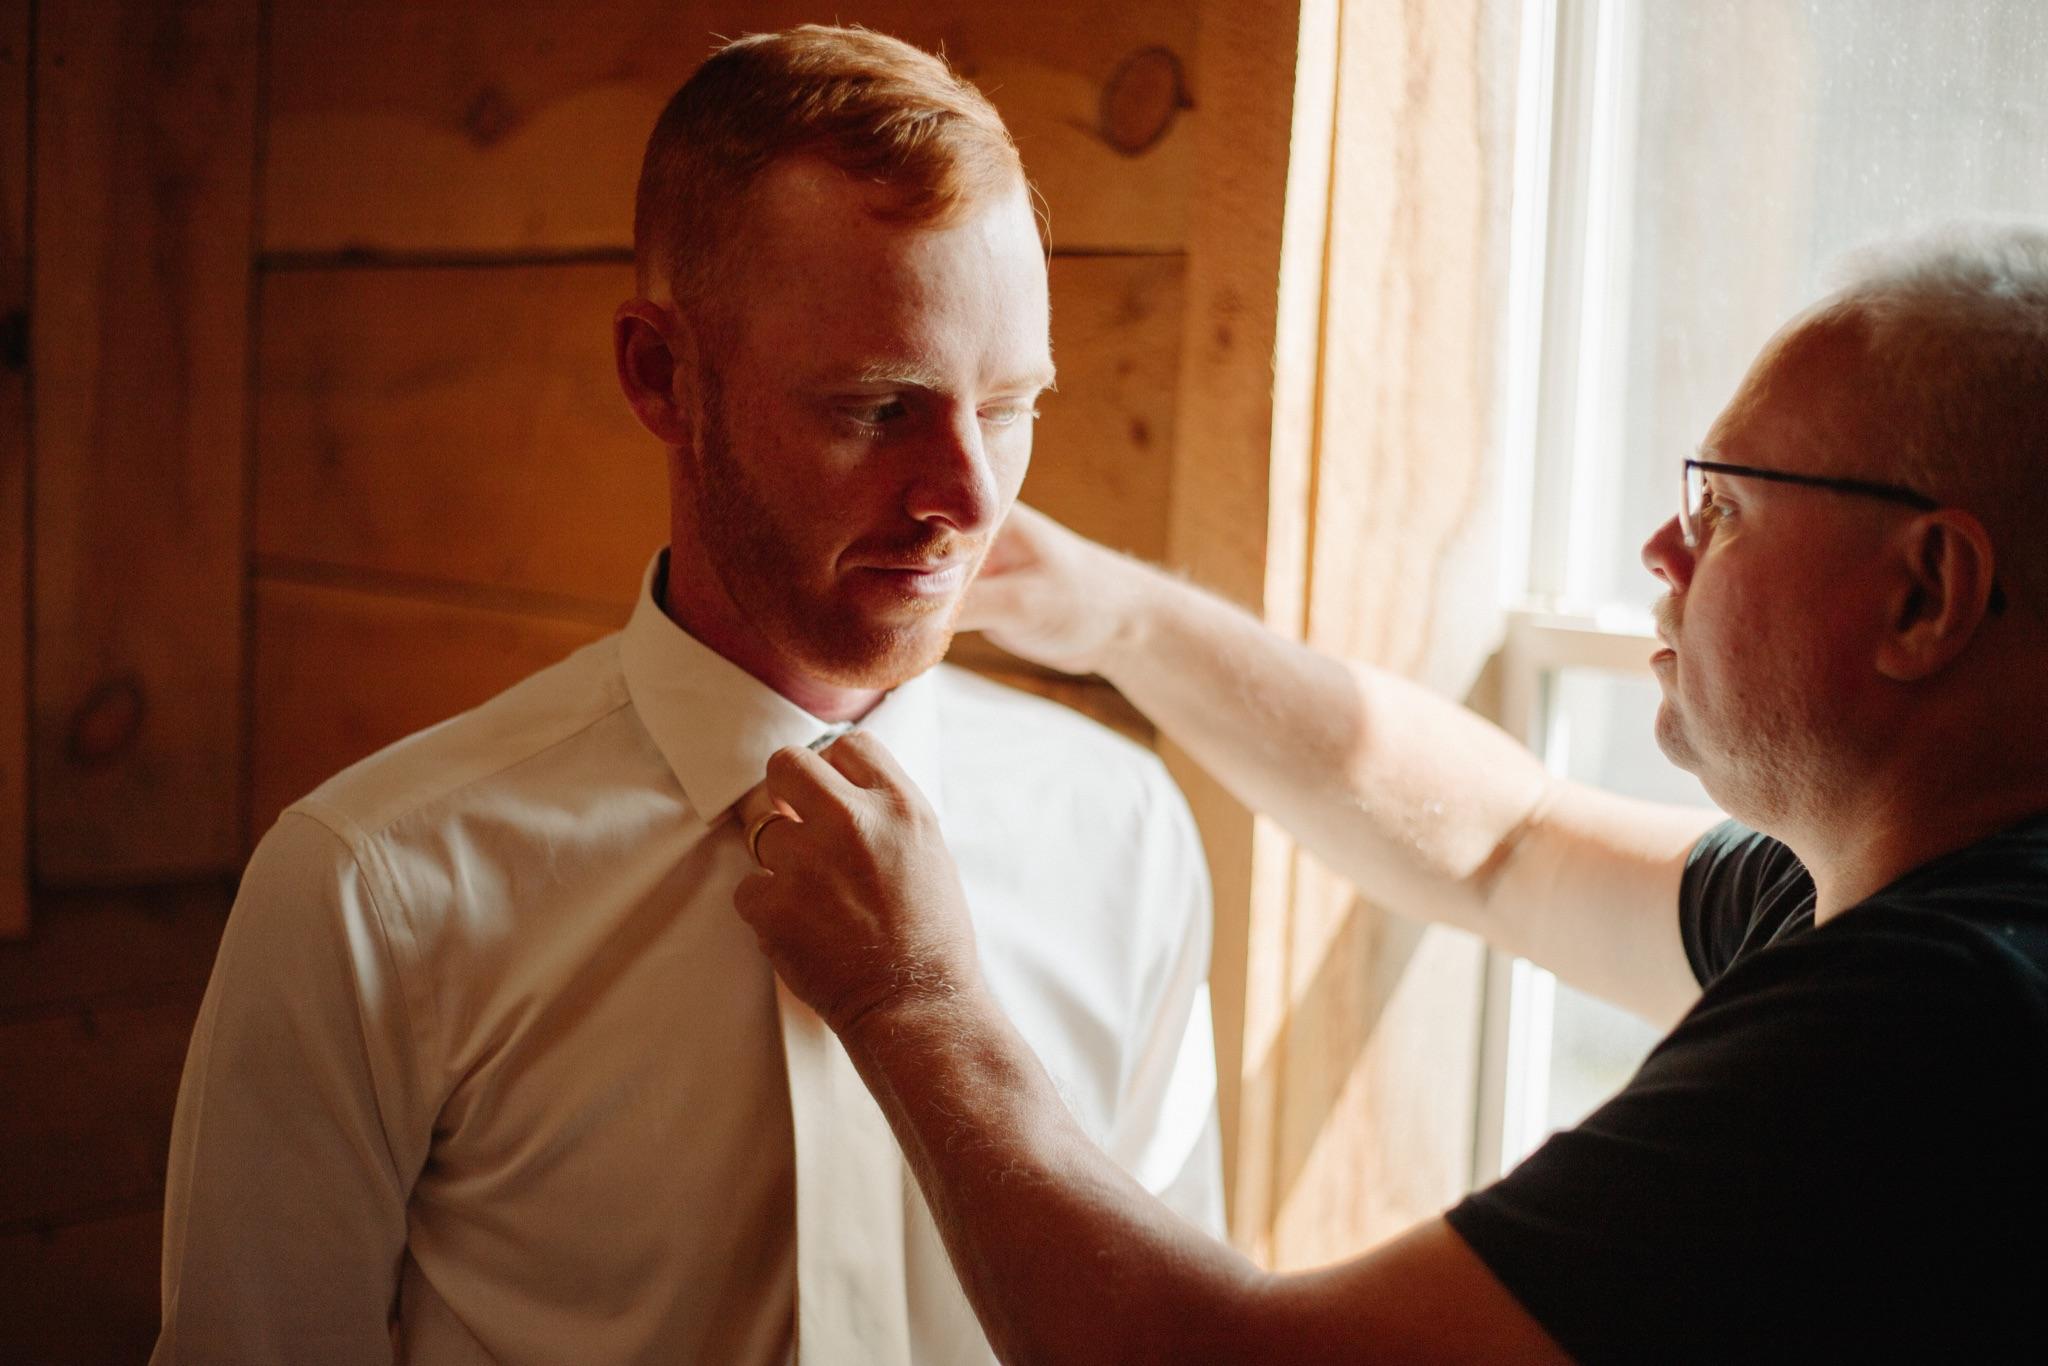 father of bride helping groom straighten tie